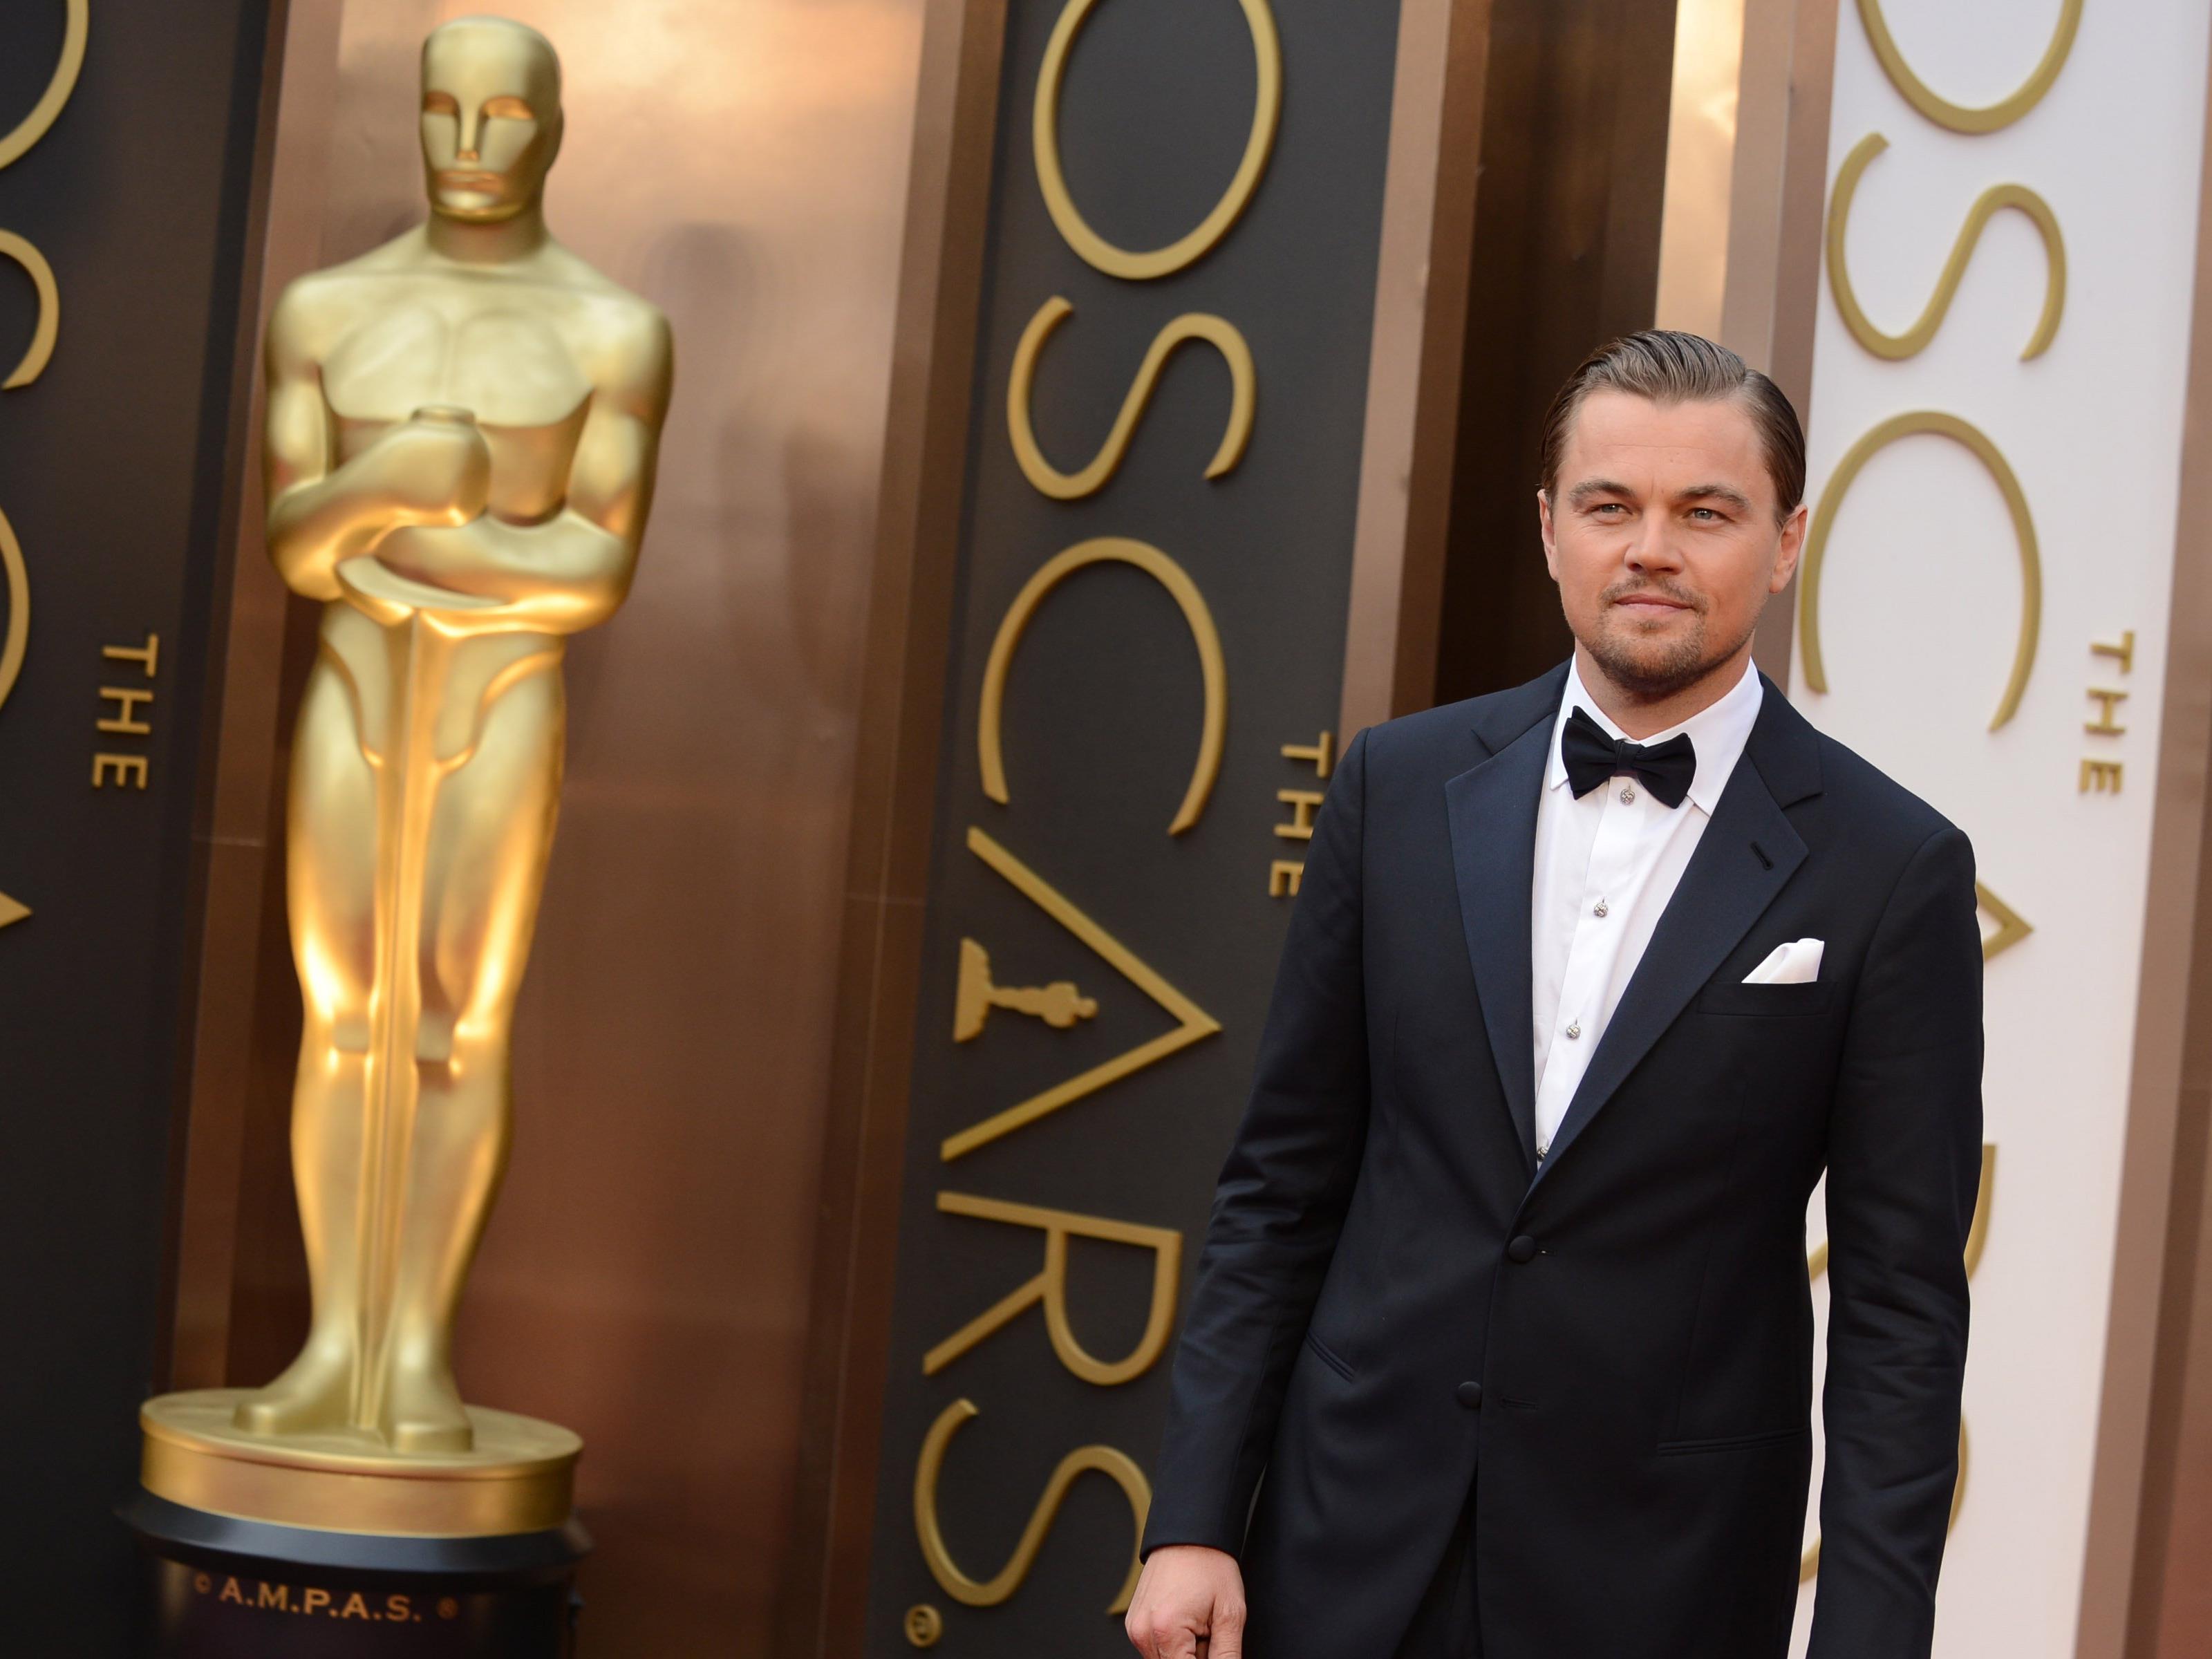 Erneut in Reichweite: Leonardo DiCaprio gilt als Favorit für den Oscar.